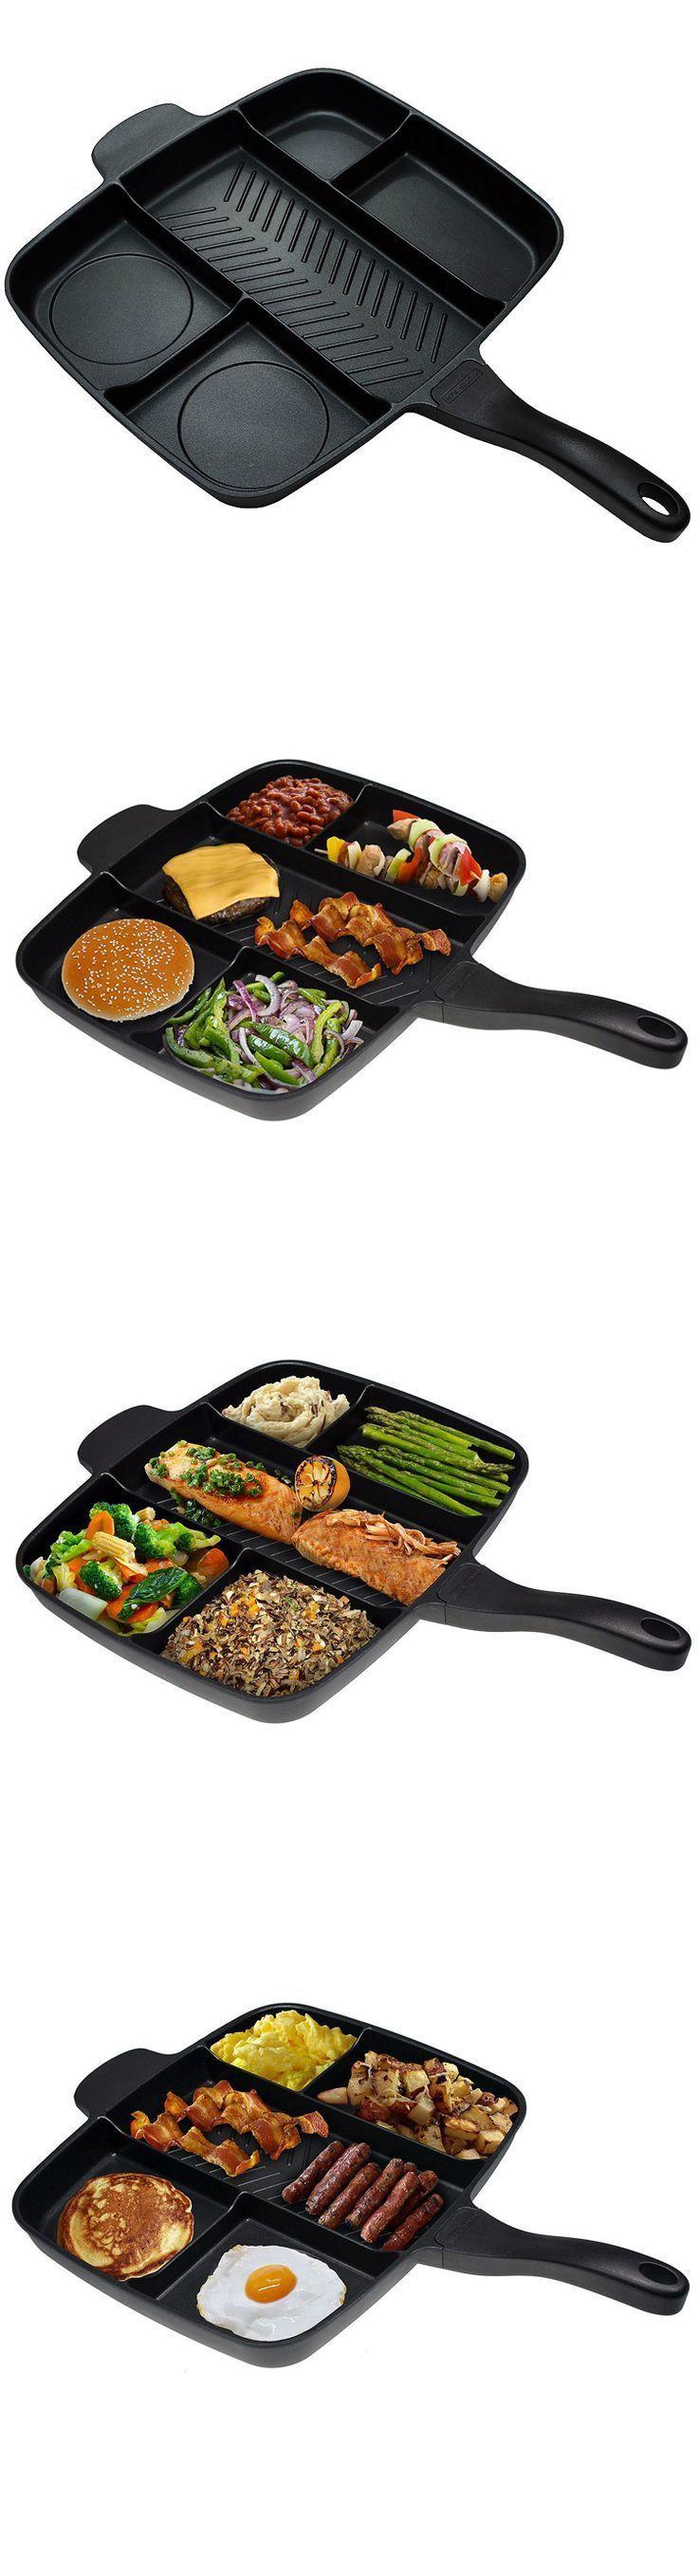 38 best Unique Kitchen Gadgets images on Pinterest | Cooking ware ...